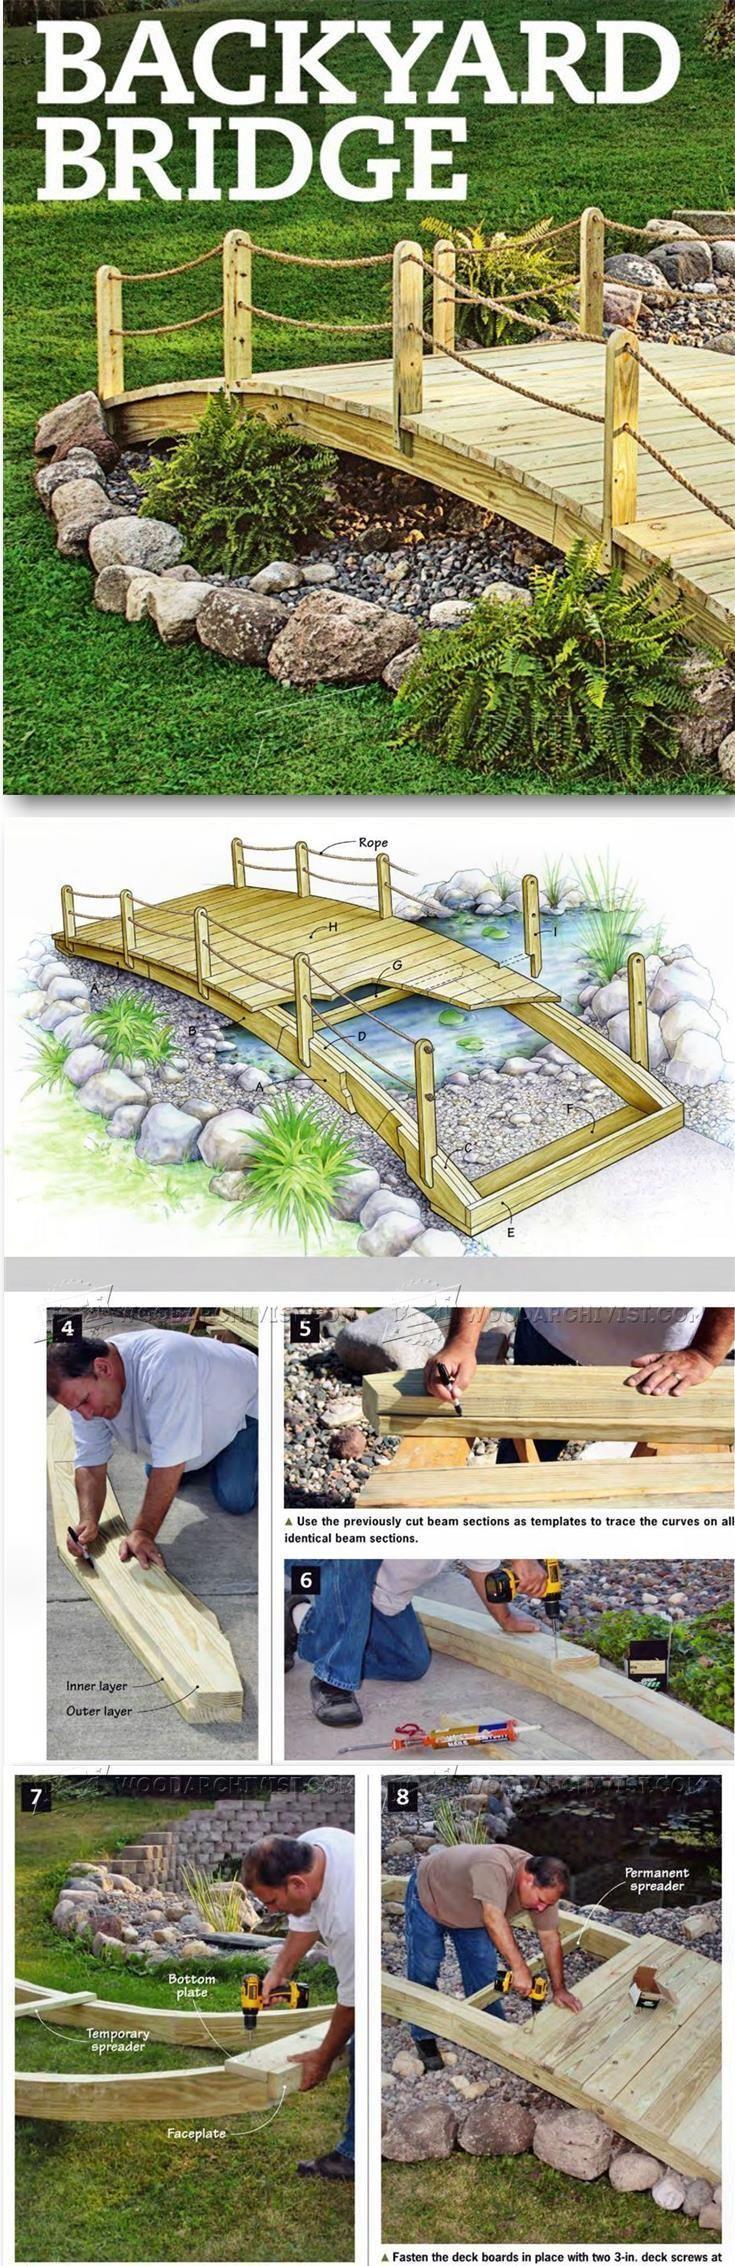 Backyard Bridge Plans - Outdoor Plans and Projcts | WoodArchivist.com